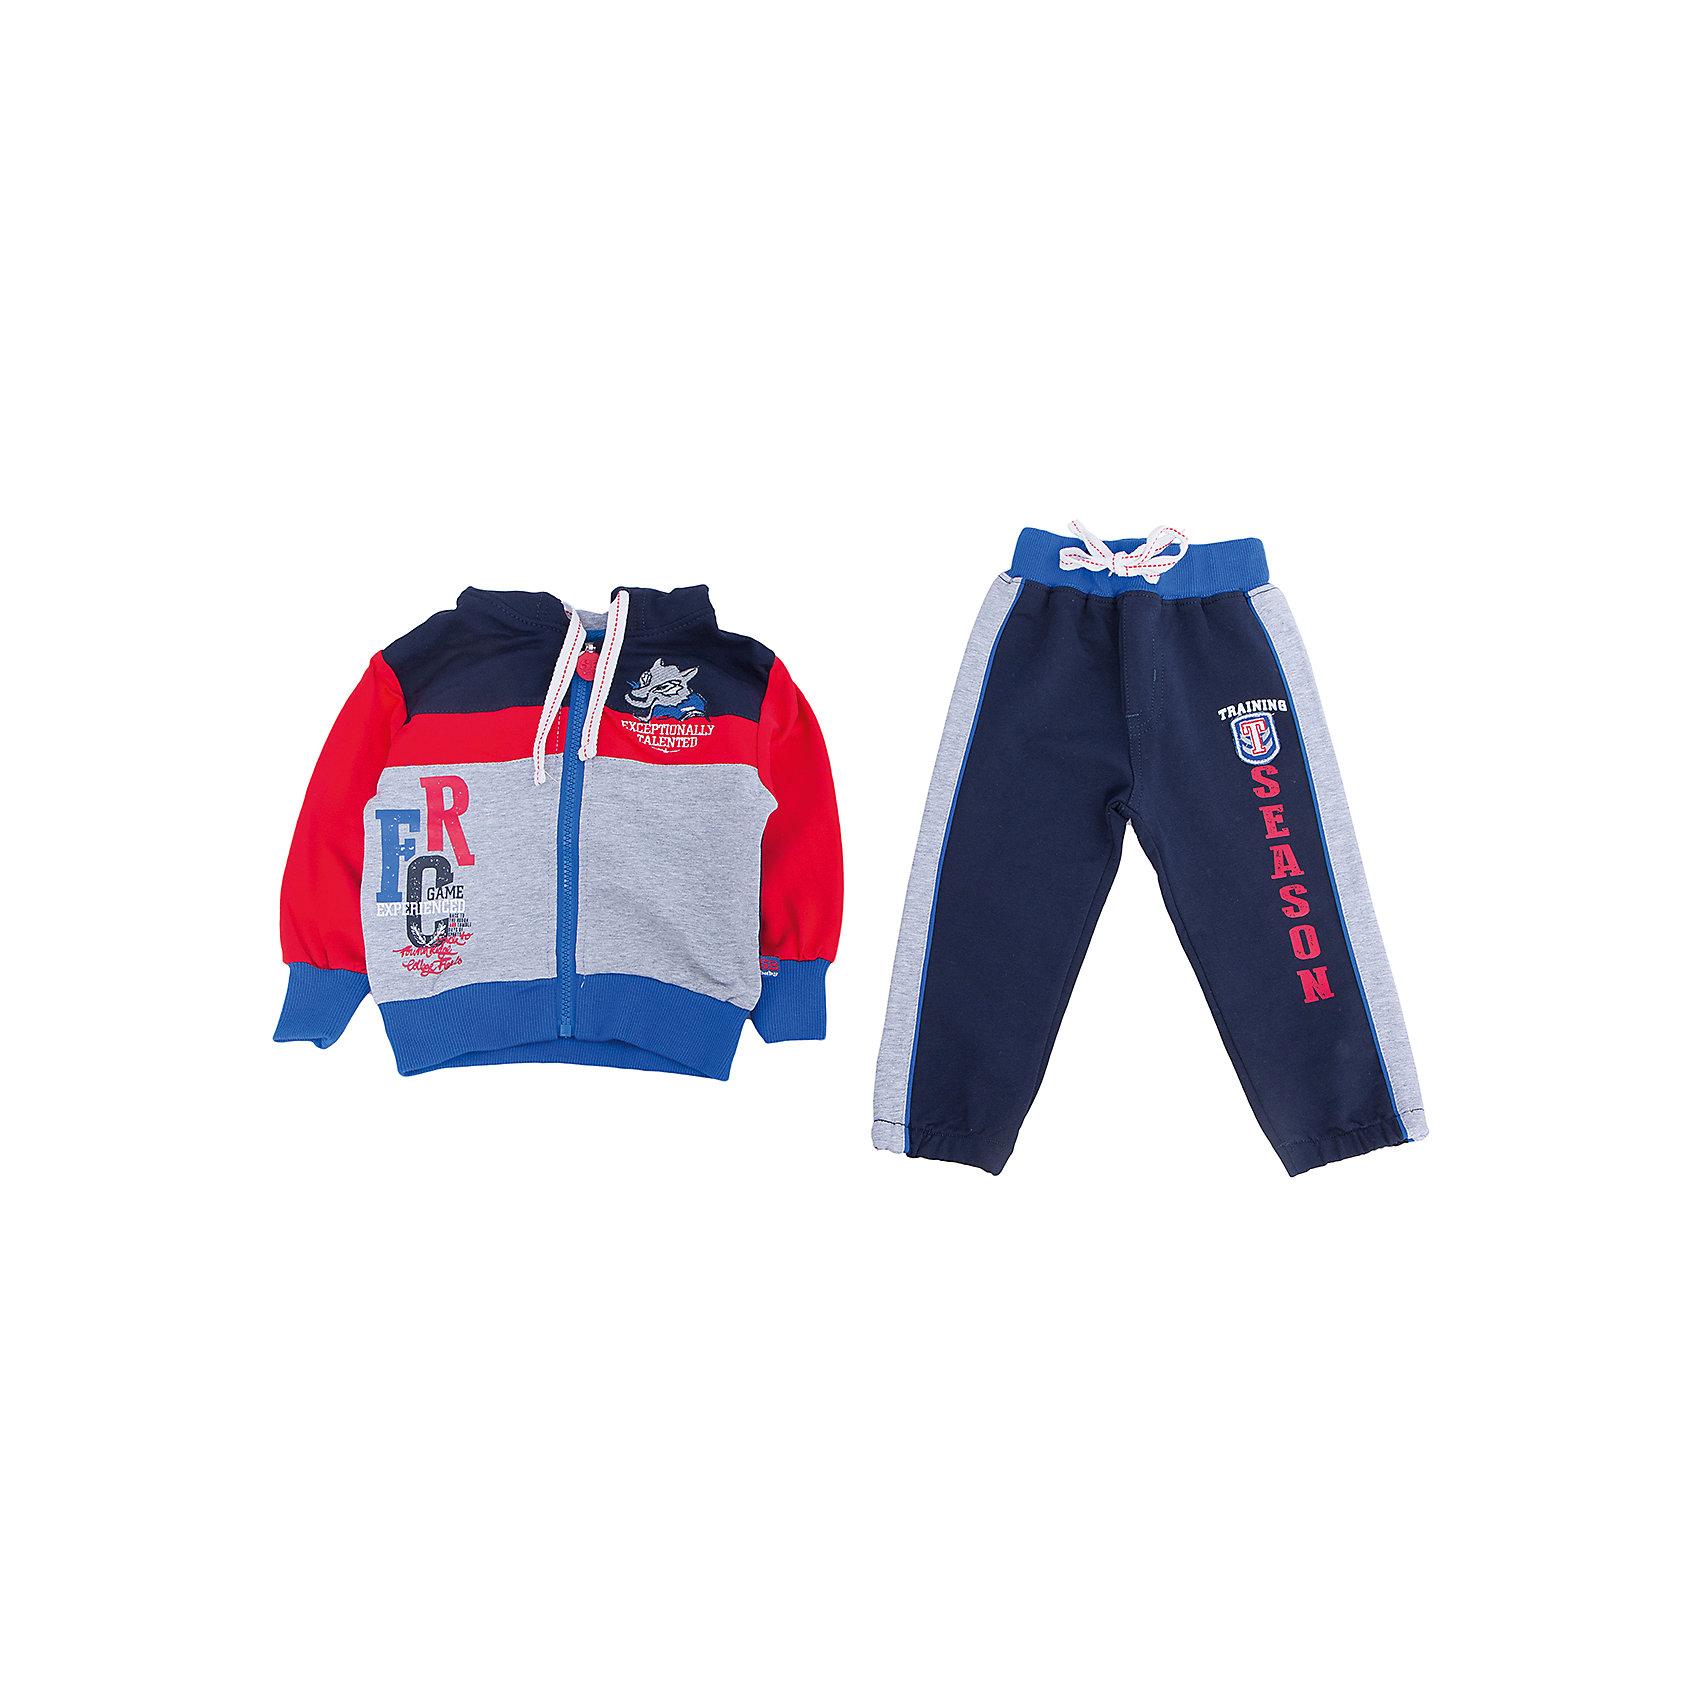 Спортивный костюм для мальчика Sweet BerryКофточки и распашонки<br>Спортивный костюм для мальчиков. Толстовка комбинирована из разных цветов. Украшена шевроном и принтом. Брюки на поясе с трикотажной резинкой, регулир<br>Состав:<br>95% хлопок 5% эластан<br><br>Ширина мм: 247<br>Глубина мм: 16<br>Высота мм: 140<br>Вес г: 225<br>Цвет: красный/синий<br>Возраст от месяцев: 24<br>Возраст до месяцев: 36<br>Пол: Мужской<br>Возраст: Детский<br>Размер: 80,86,92,98<br>SKU: 4929962